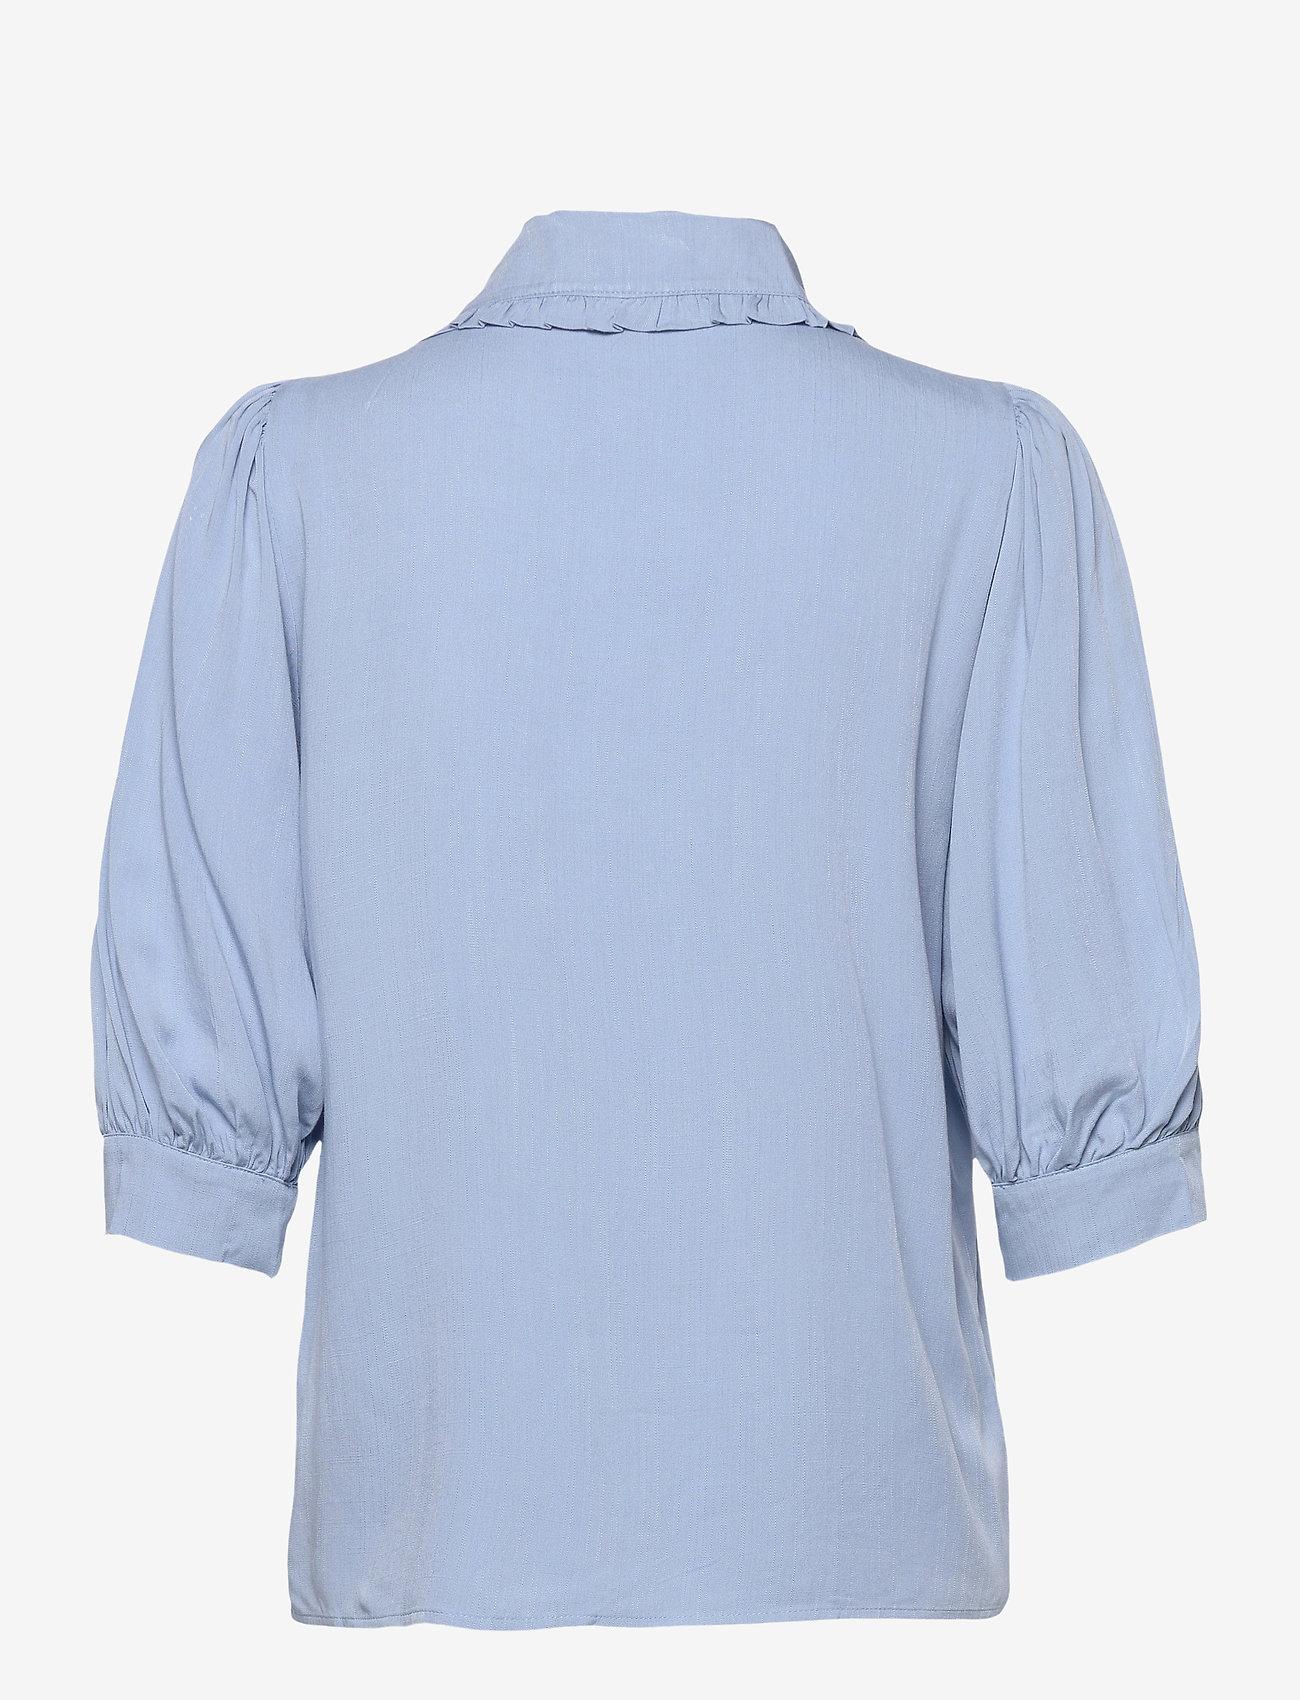 FREE/QUENT - FQELLENOR-SH - kortærmede bluser - chambray blue - 1